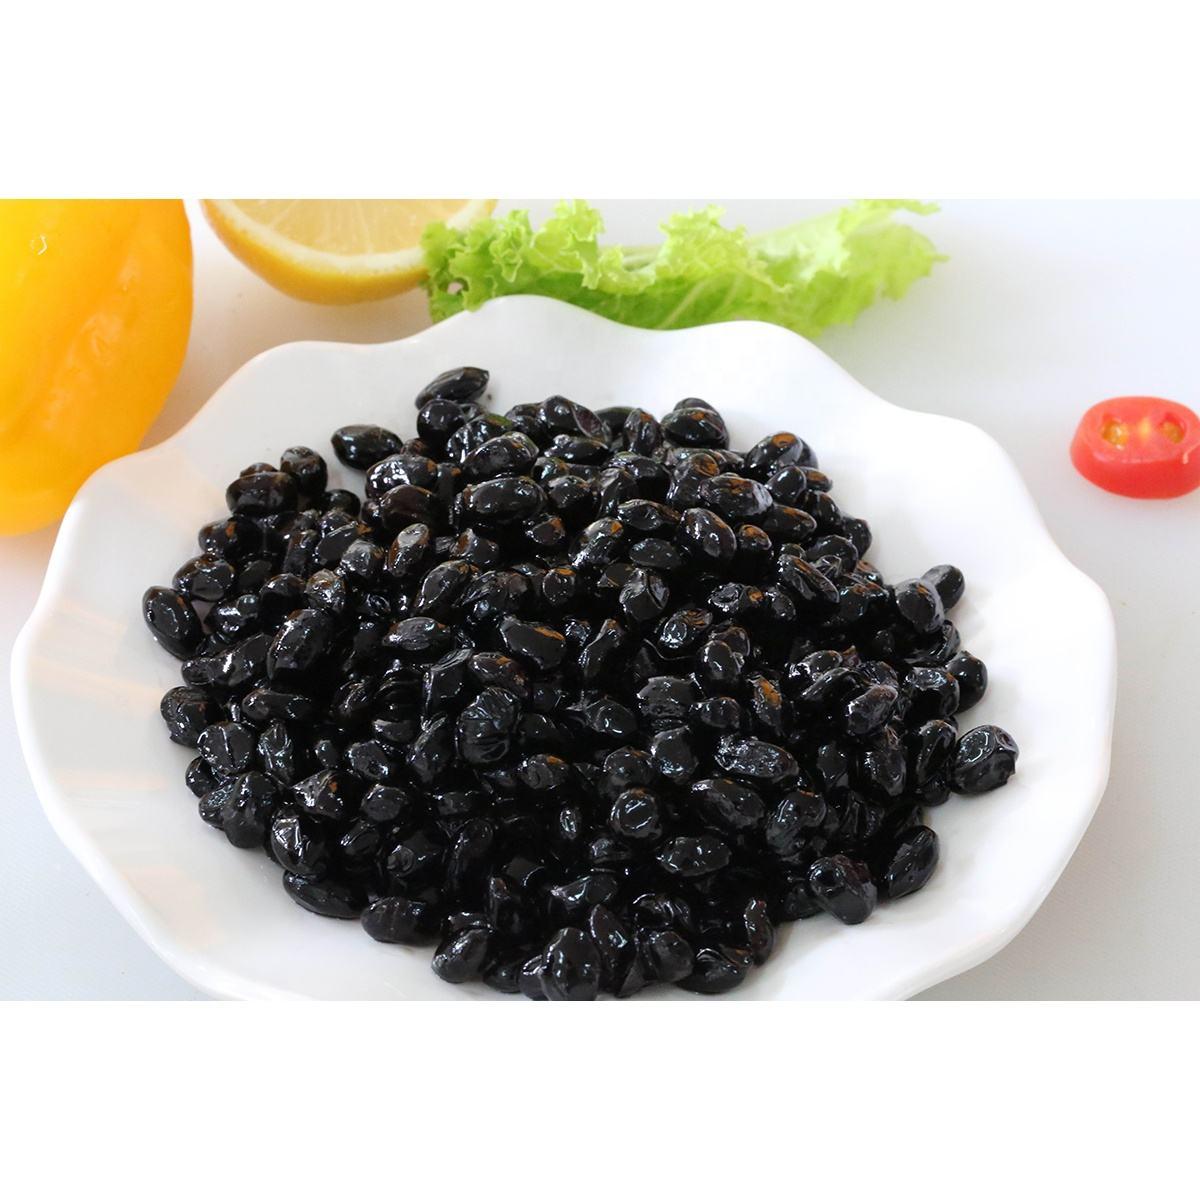 Дешевые, но хорошего качества Черные Бобы Закуски (приготовленные) 350 г